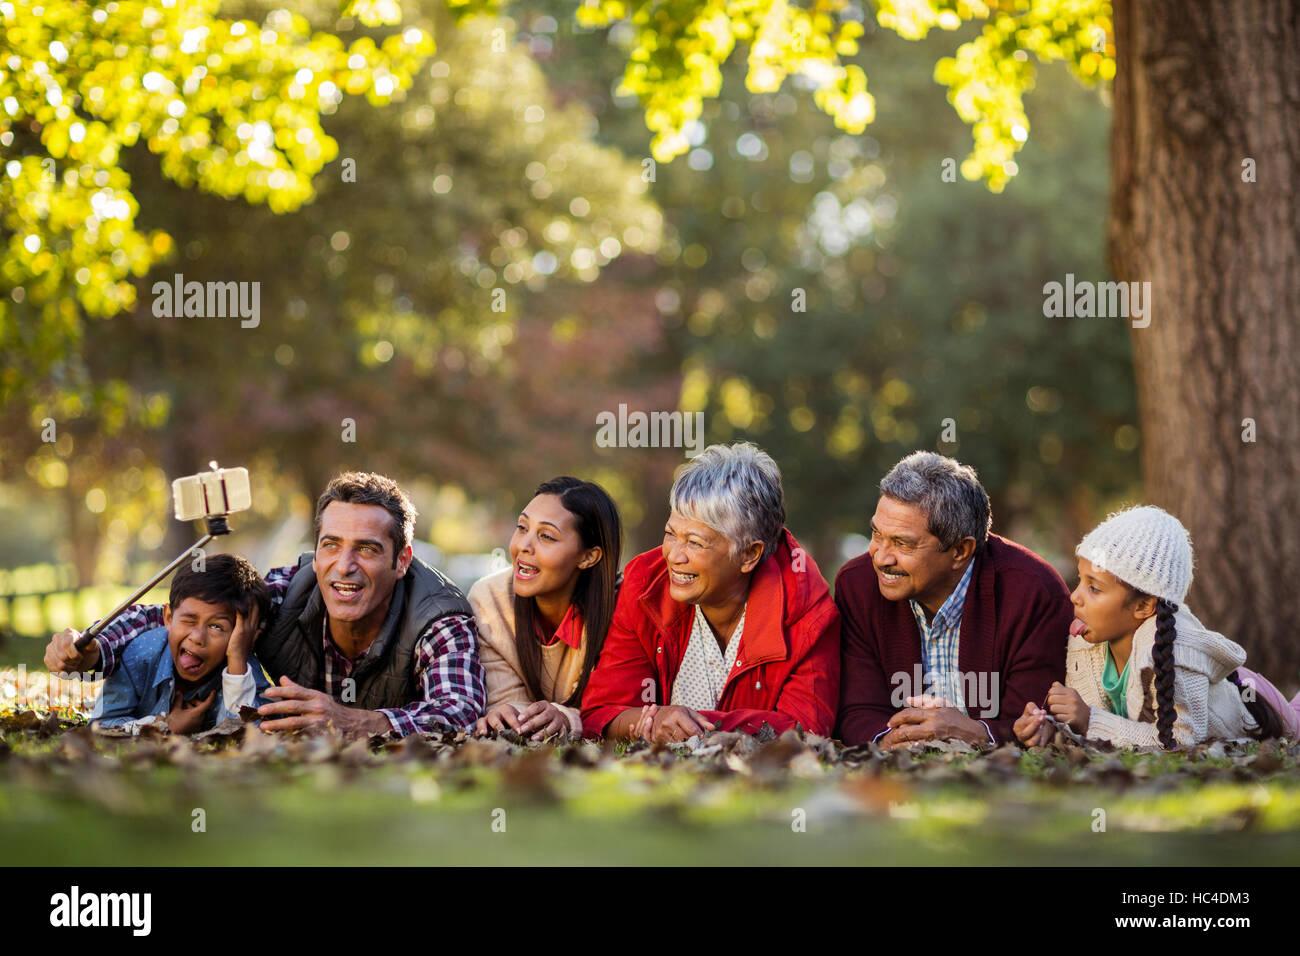 Homme d'une joyeuse famille prenant selfies Photo Stock